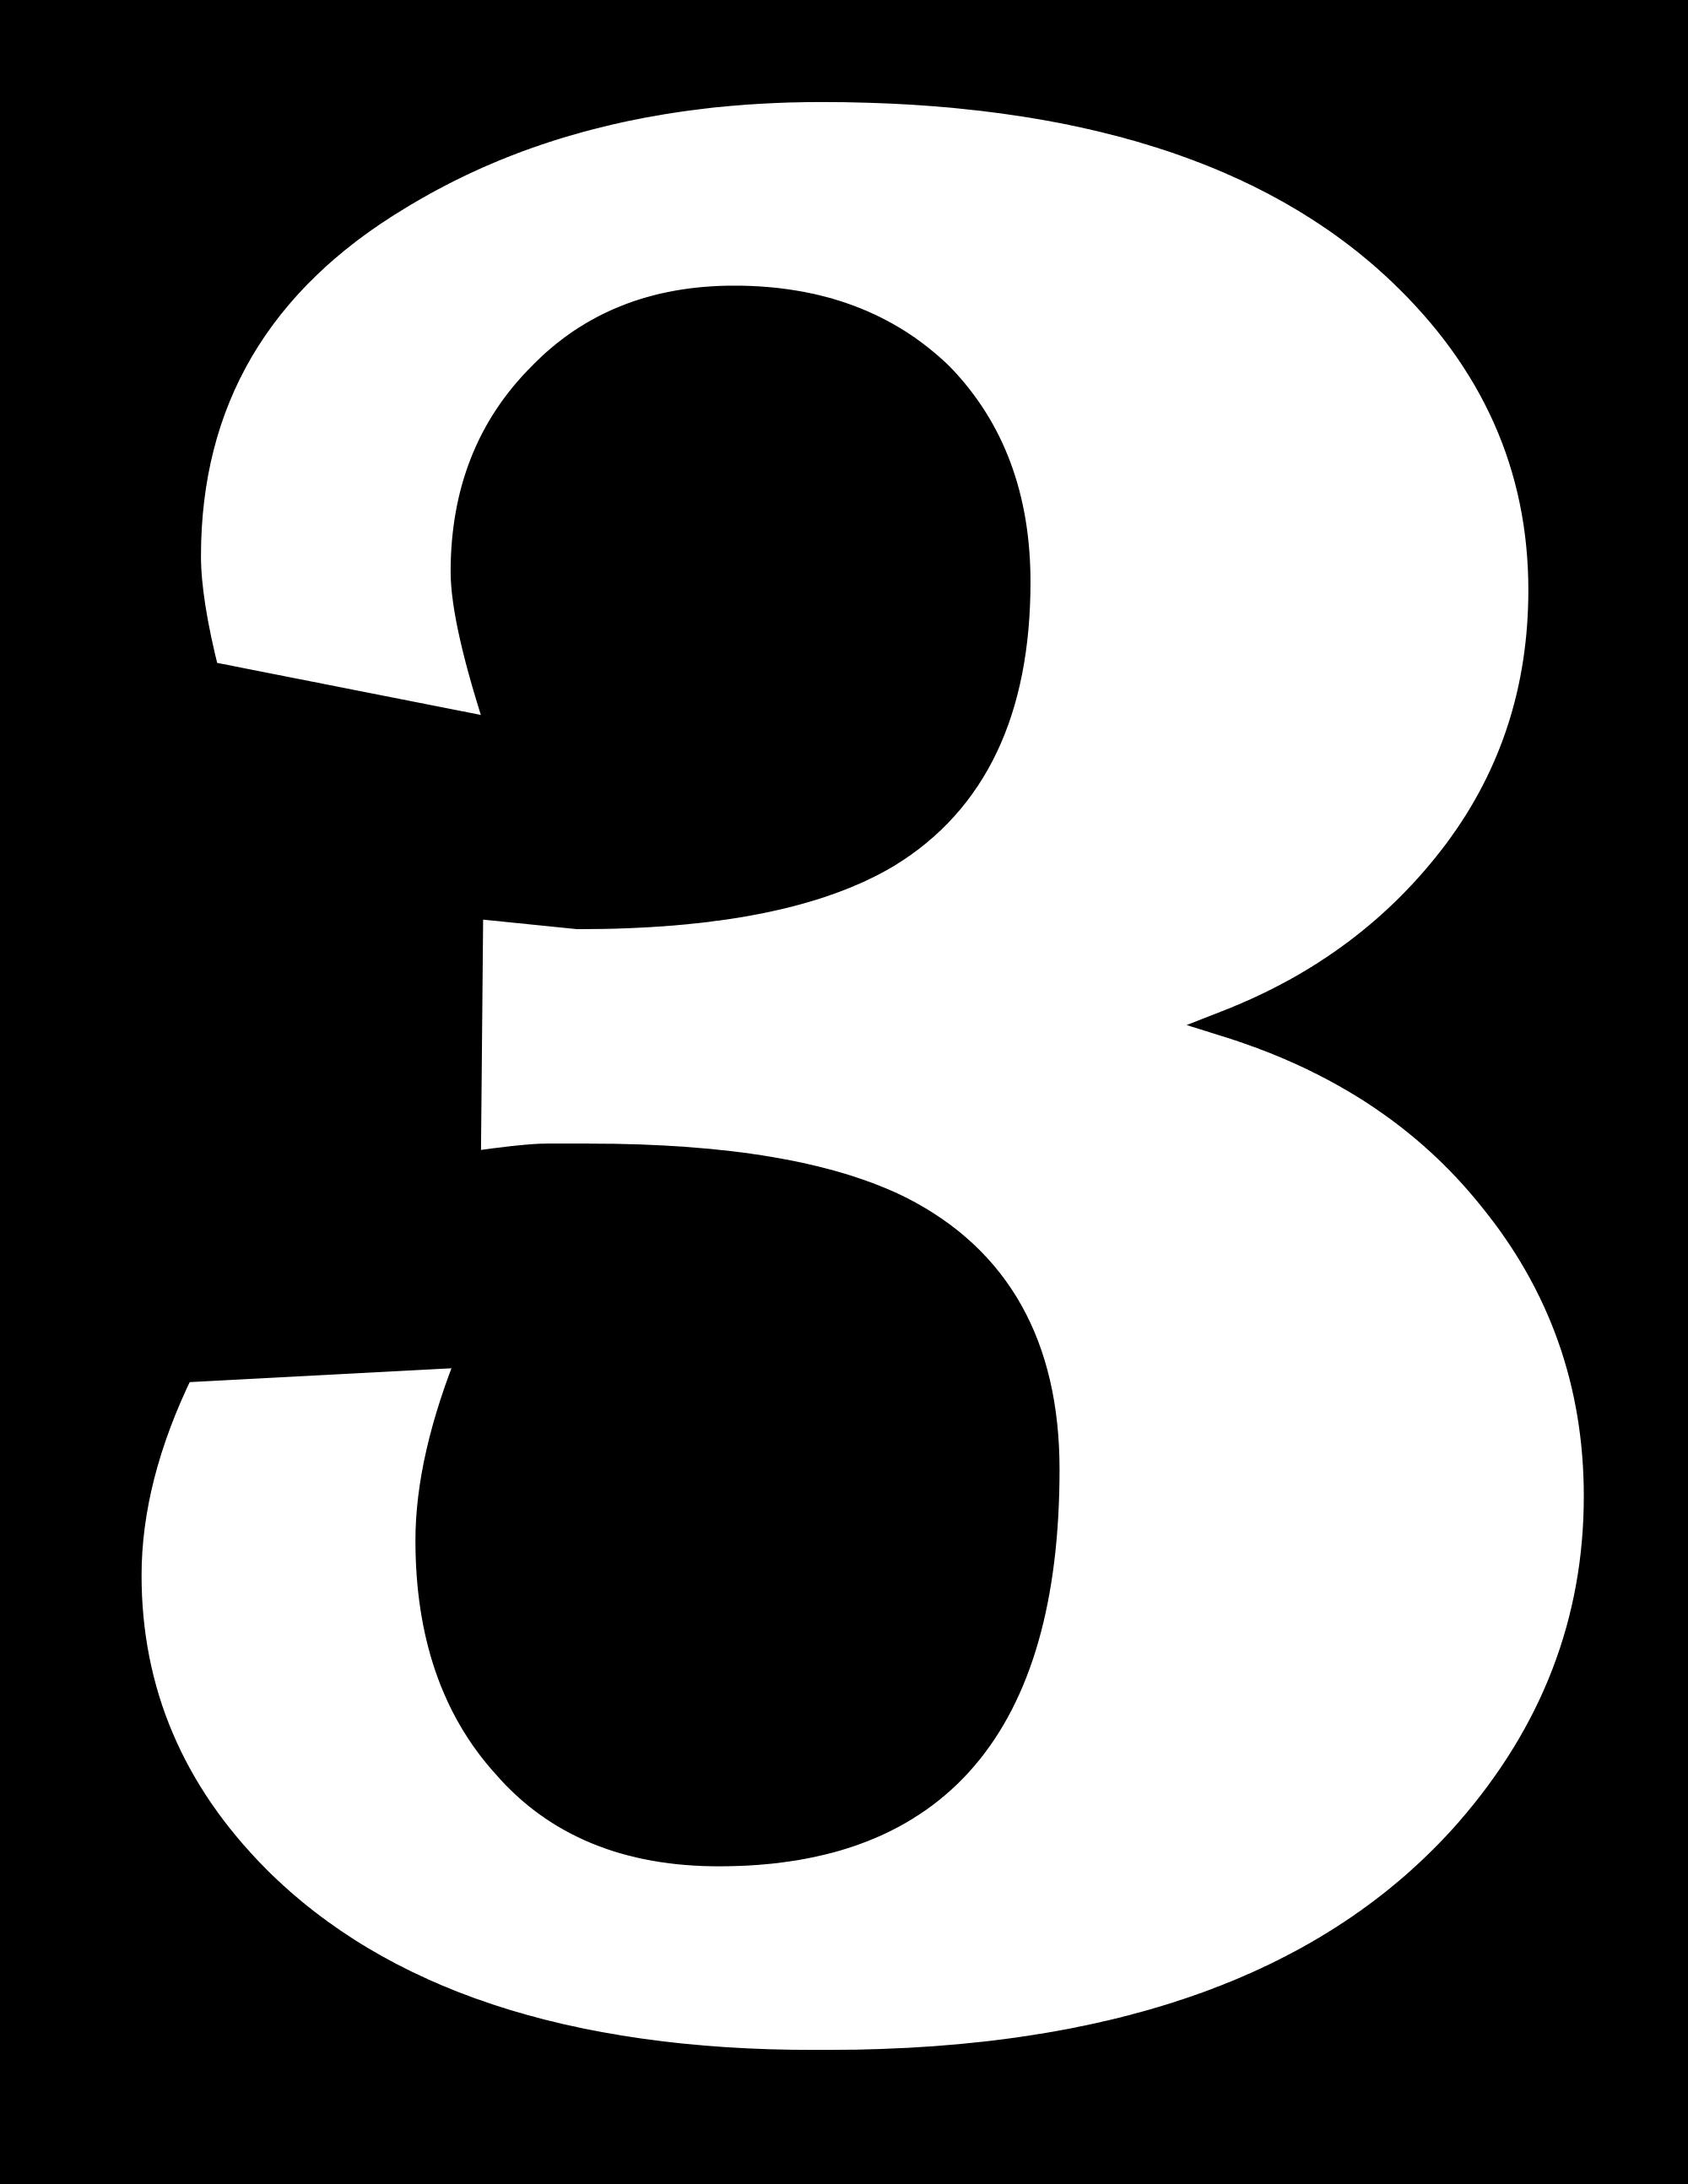 Number 3 PNG Transparent Image #7.